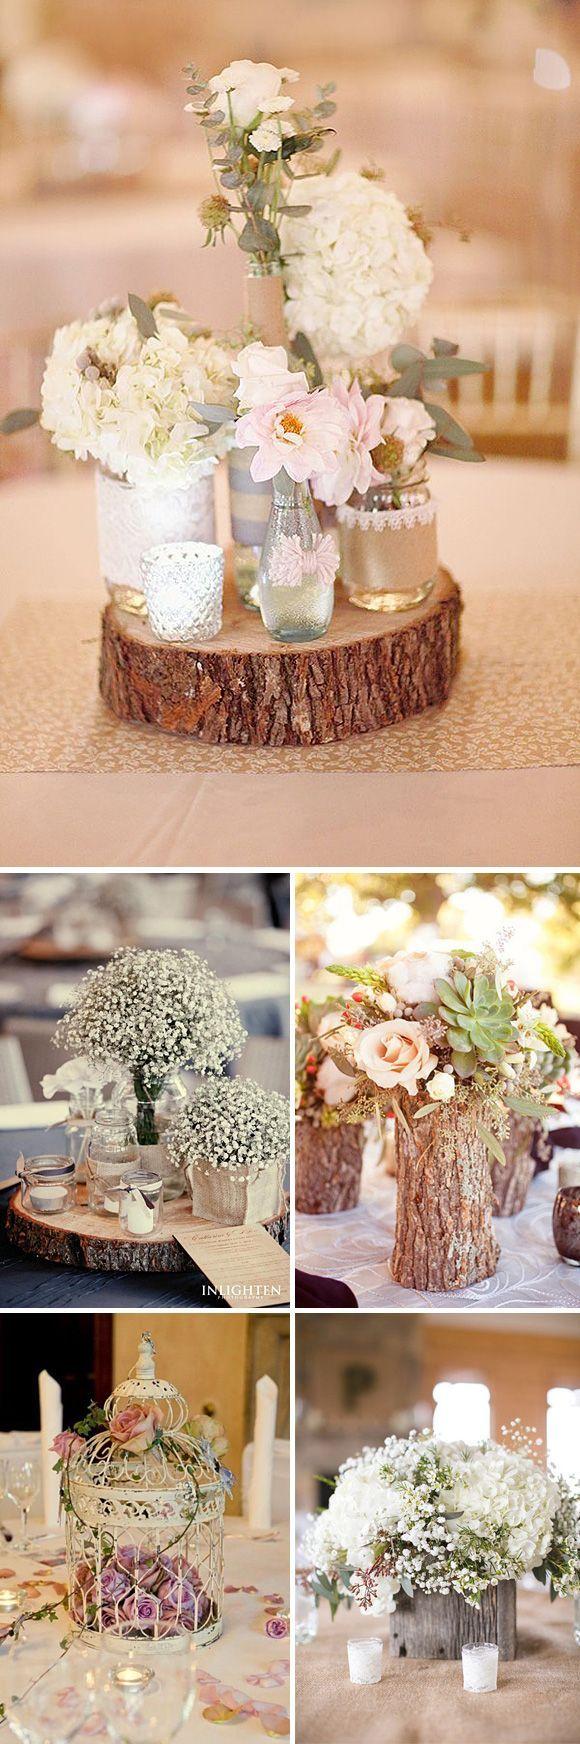 Centros de mesa para bodas rusticas